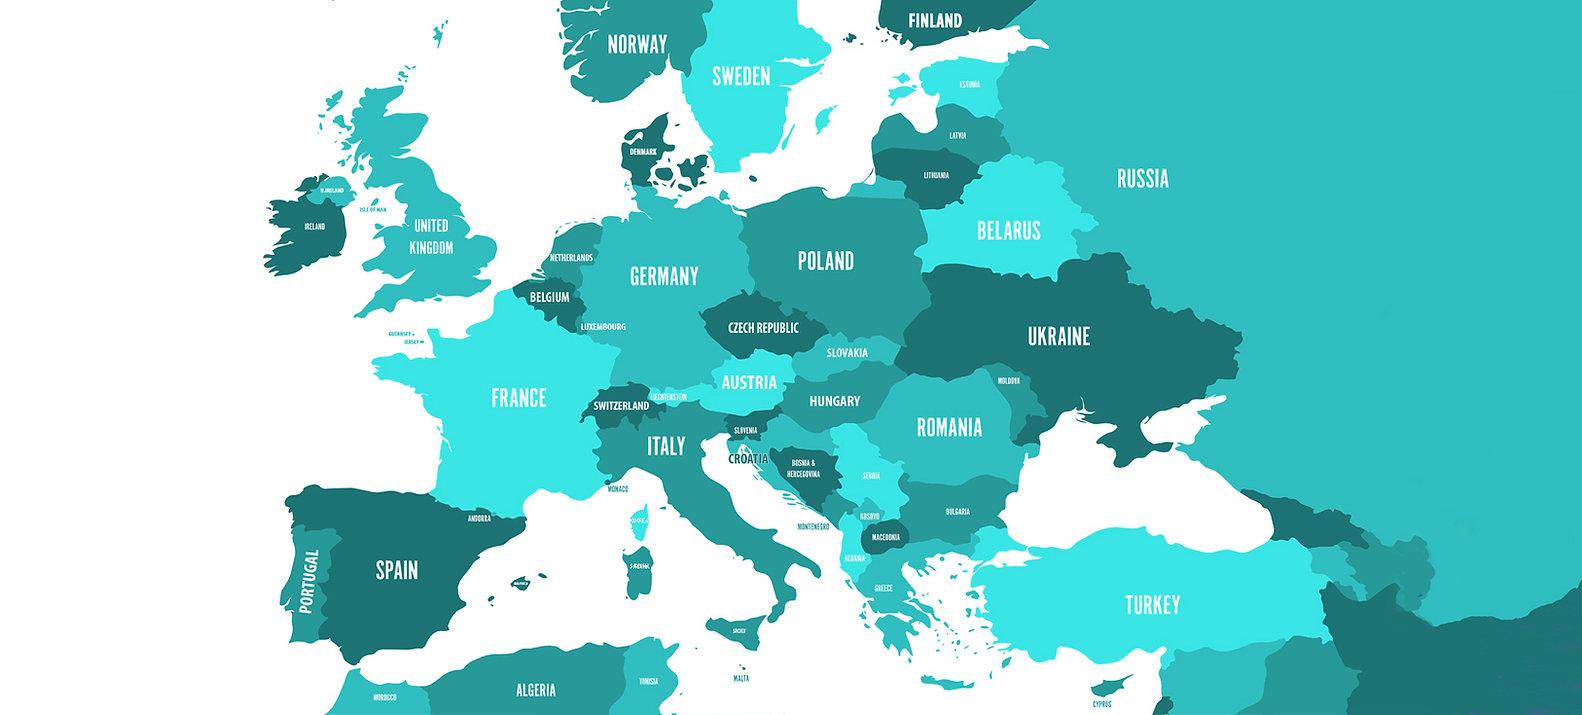 Europe Web Map ShutterstockV3.jpg